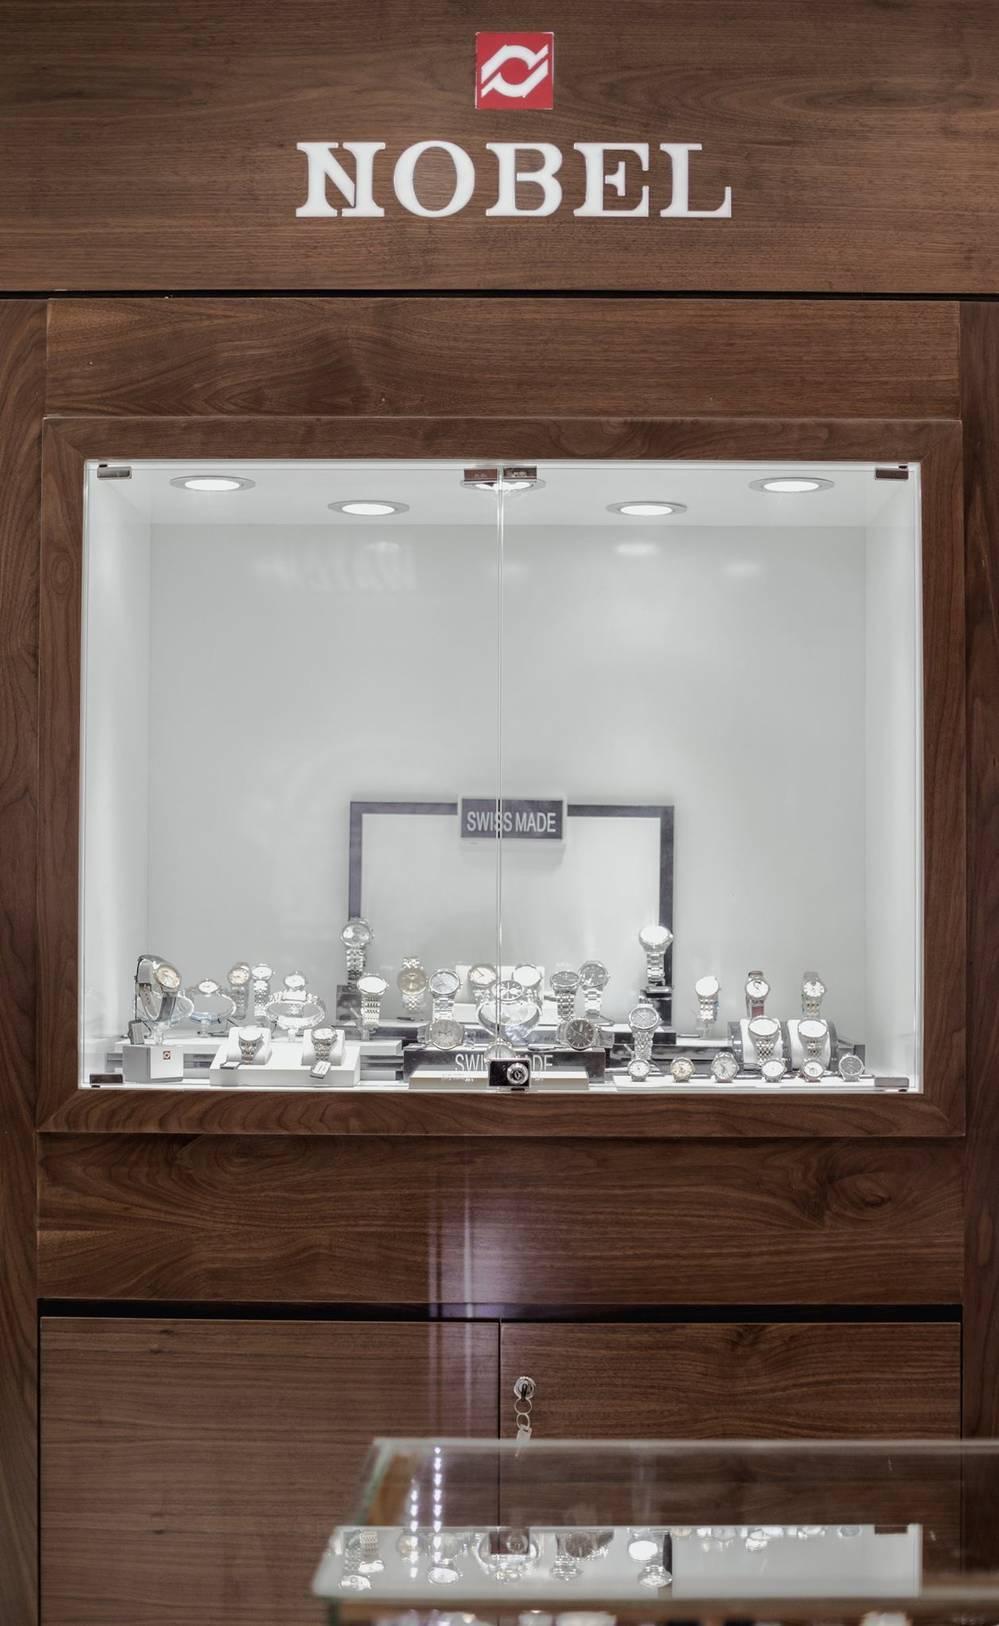 Shop đồng hồ chính hãng Thụy Sỹ Erawatch phân phối sản phẩm Nobel